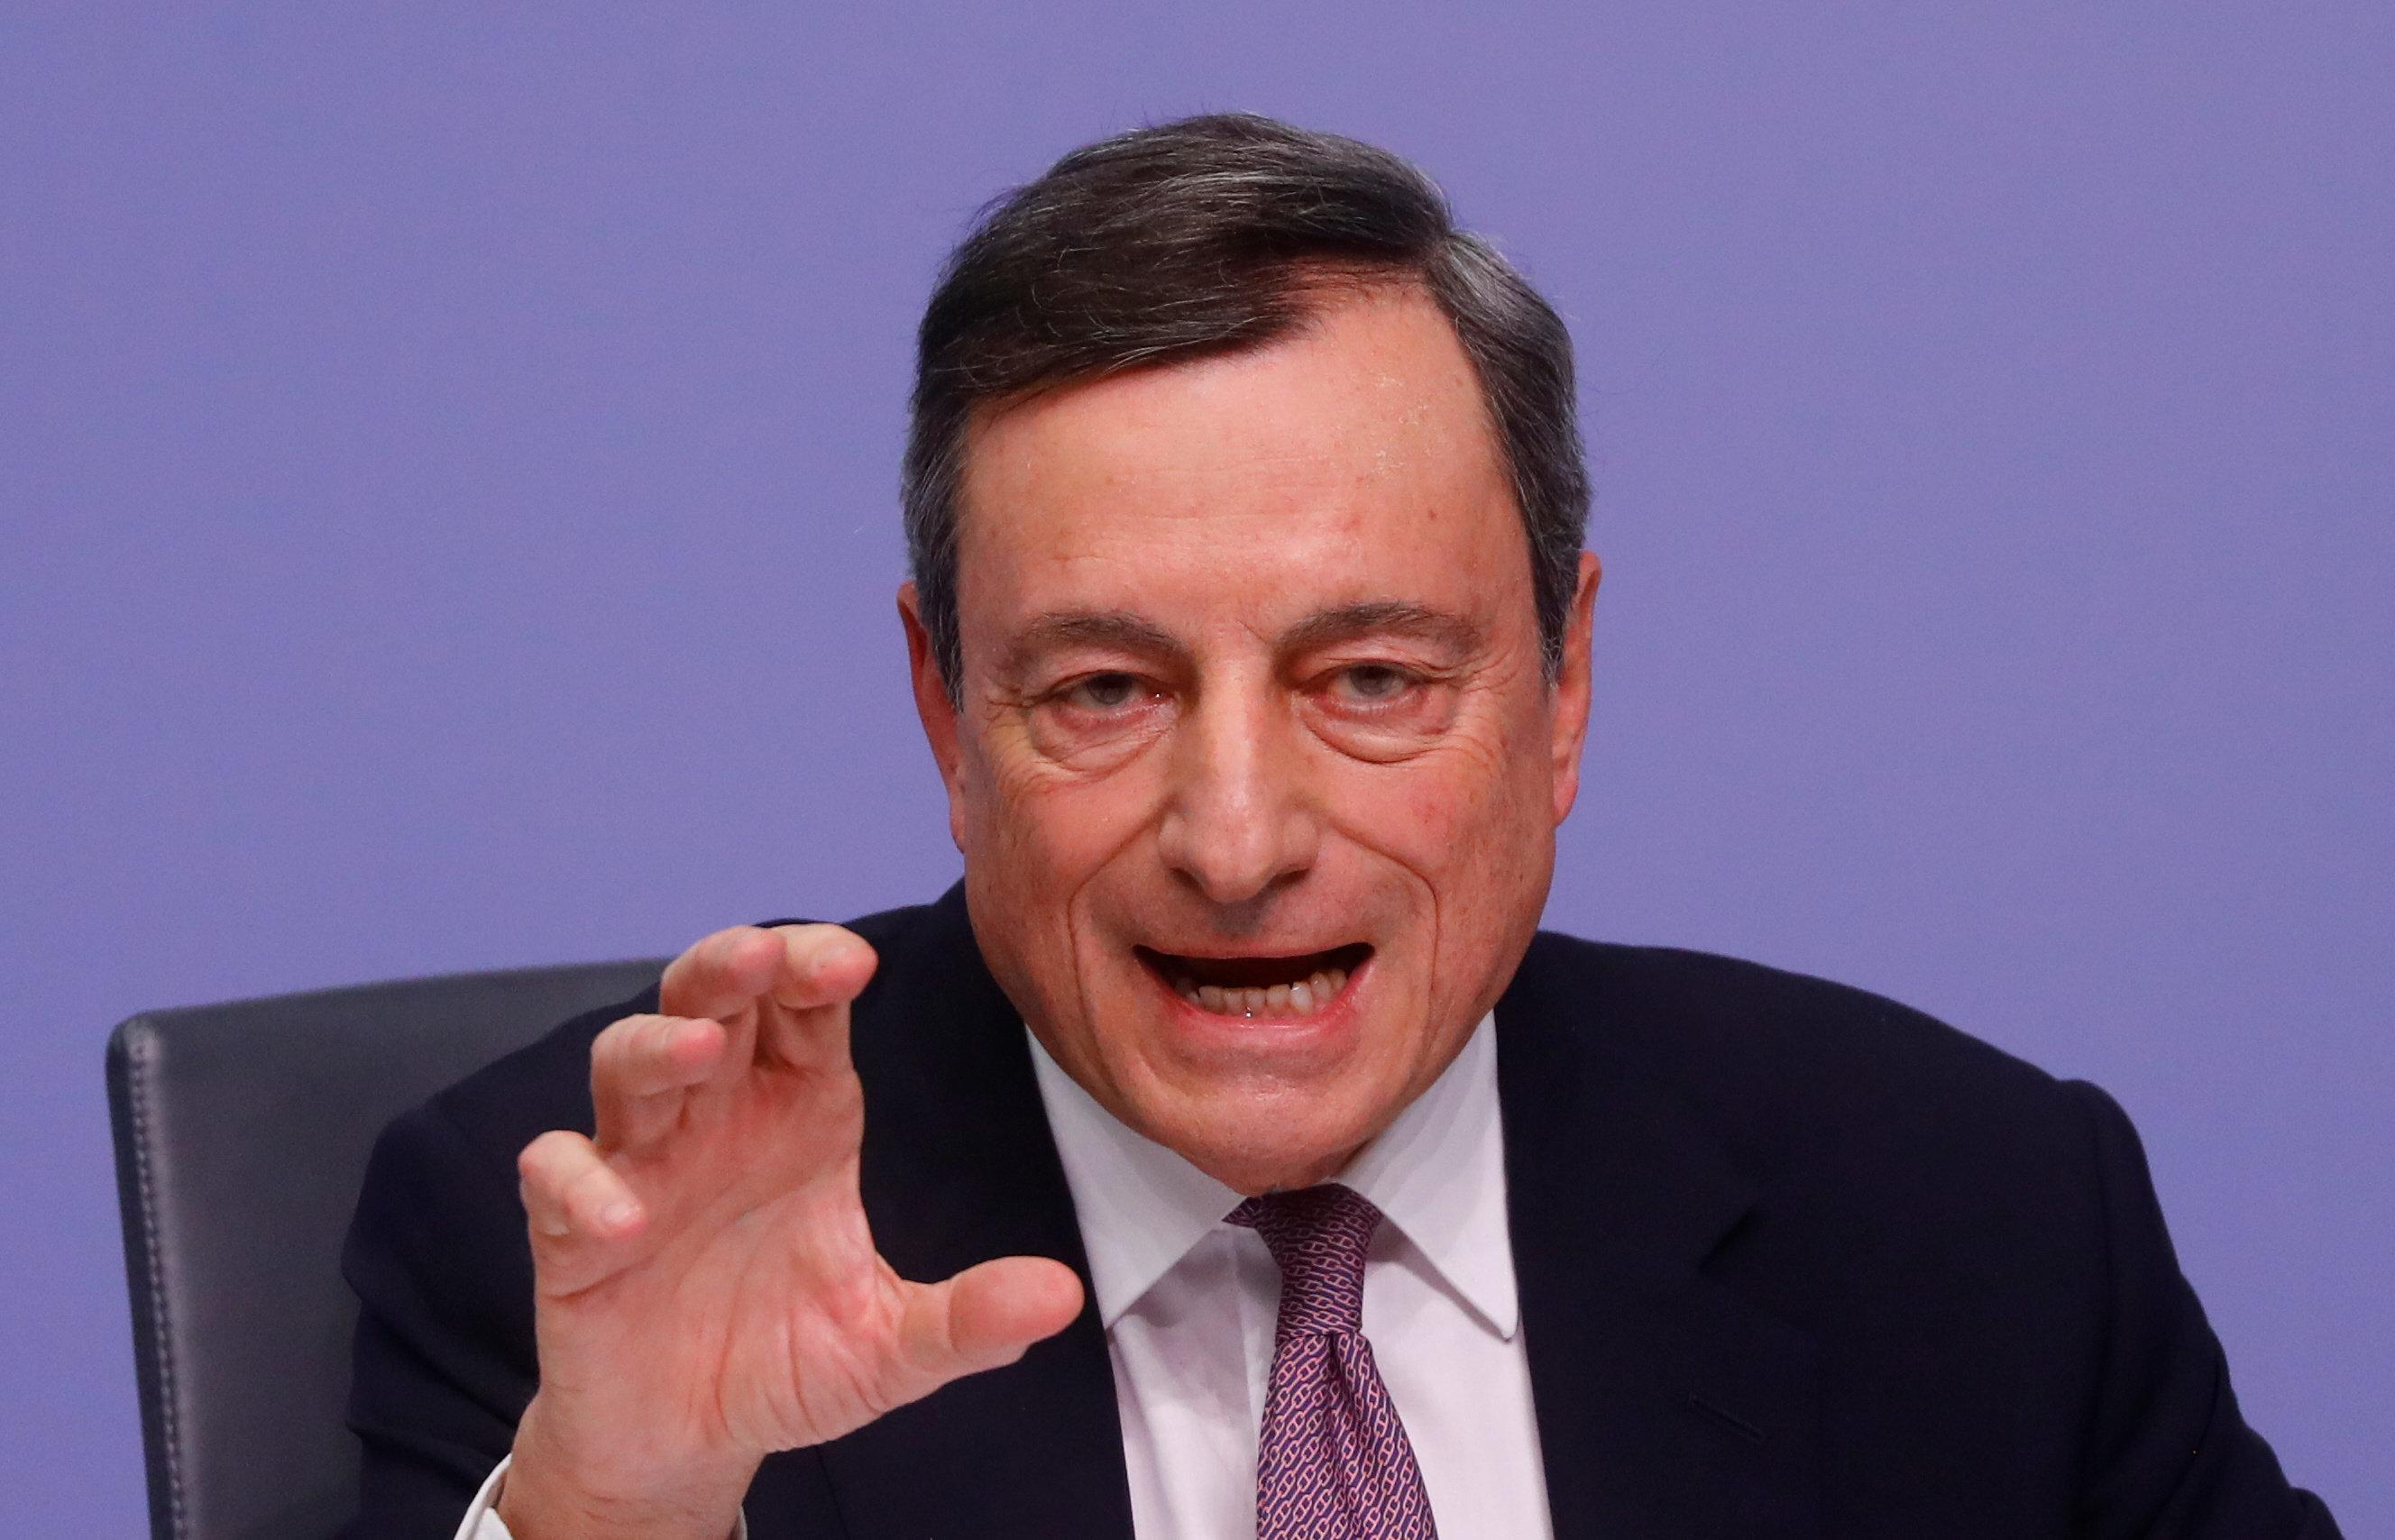 Απόφαση της ΕΚΤ η συνέχιση του Waiver μετά από μια θετική ανάλυση της βιωσιμότητας του ελληνικού χρέους, λέει ο